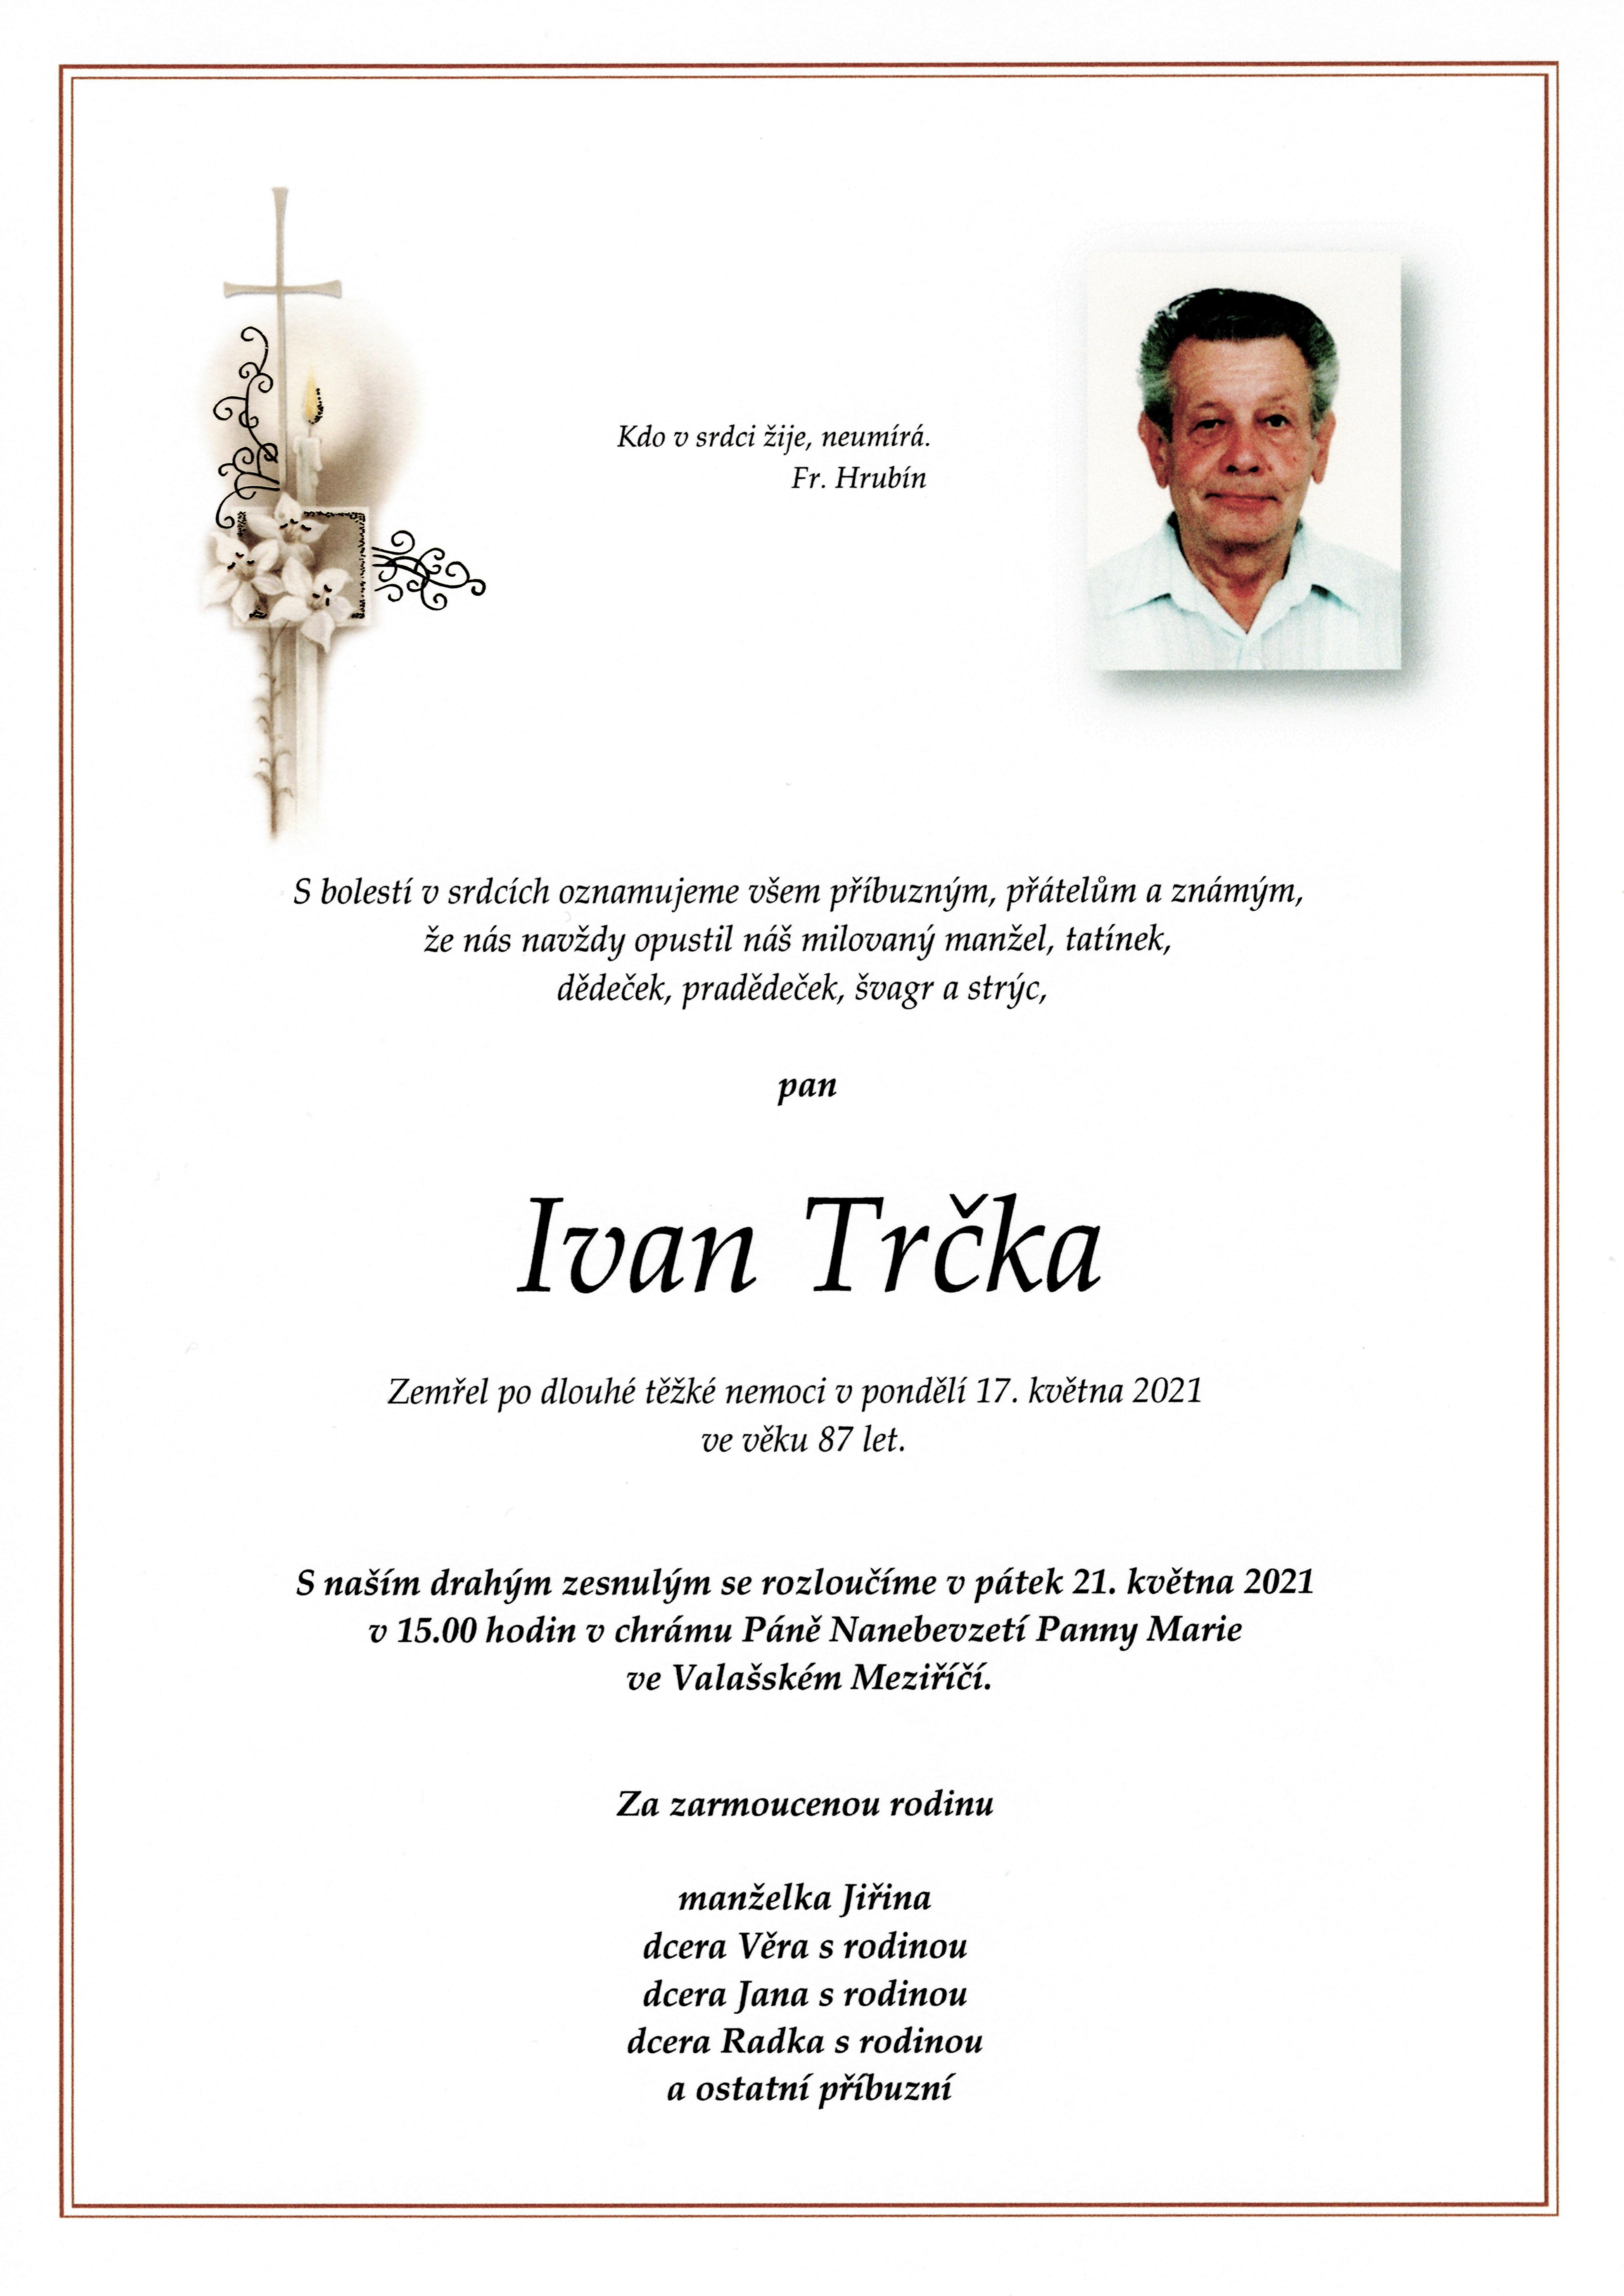 Ivan Trčka